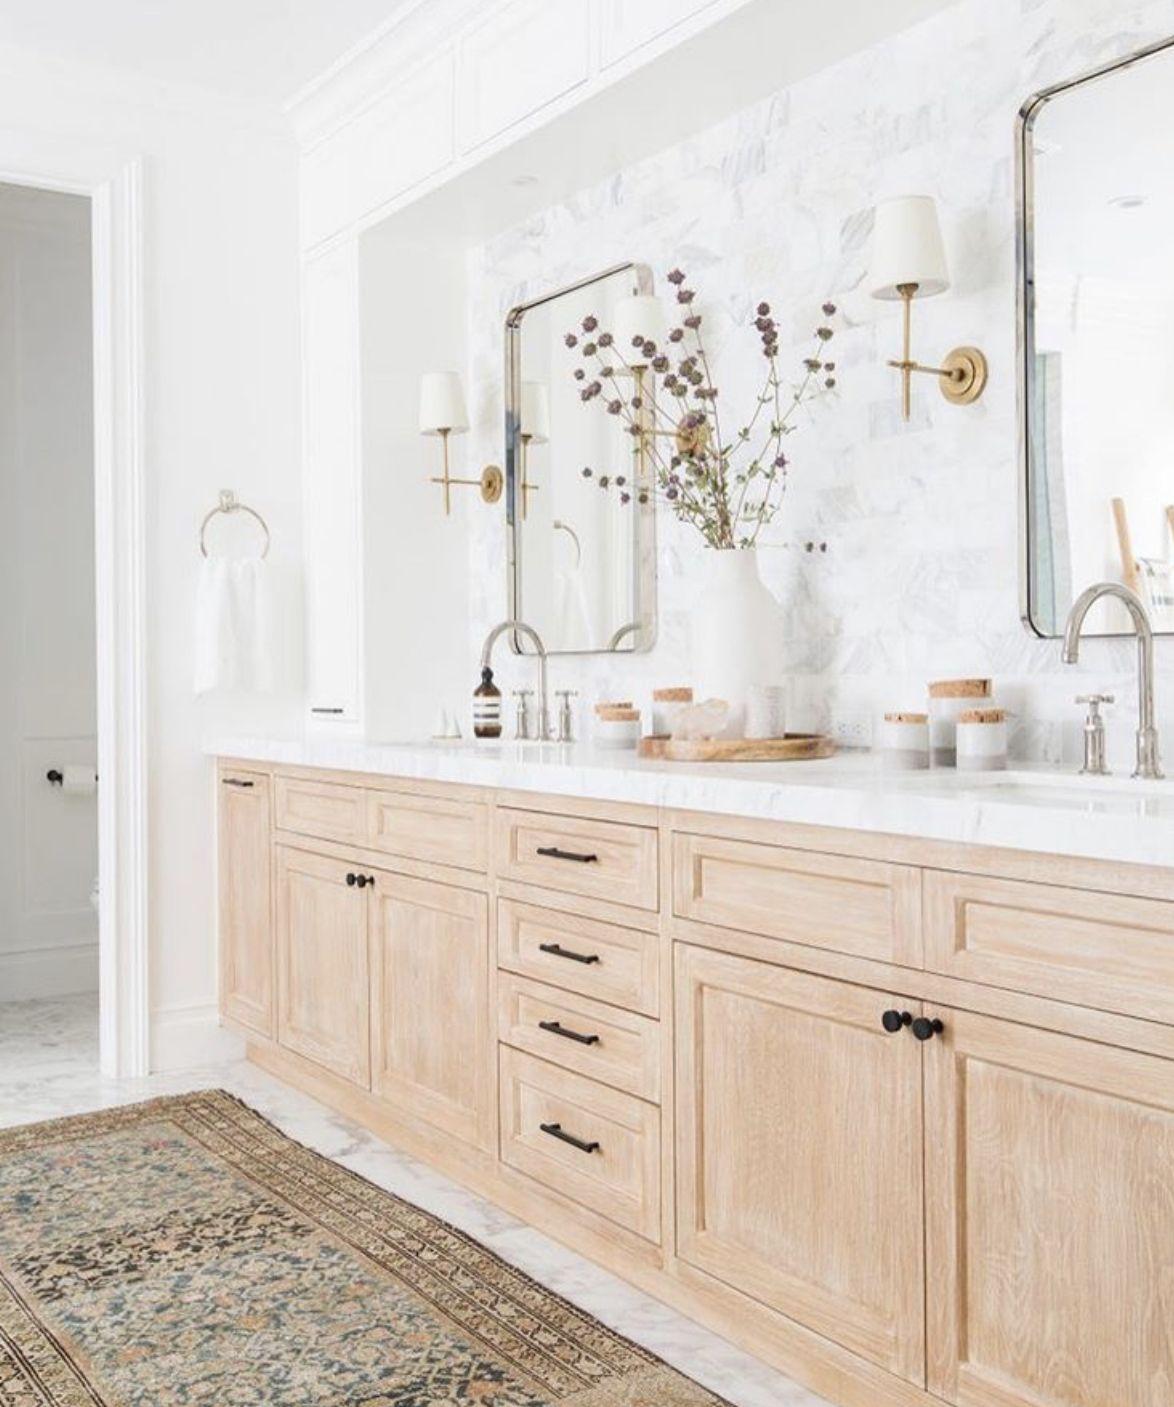 Pin By Lori Backen On Beautiful Bathrooms In 2020 Chrome Bathroom Simple Bathroom Bathroom Faucets Chrome